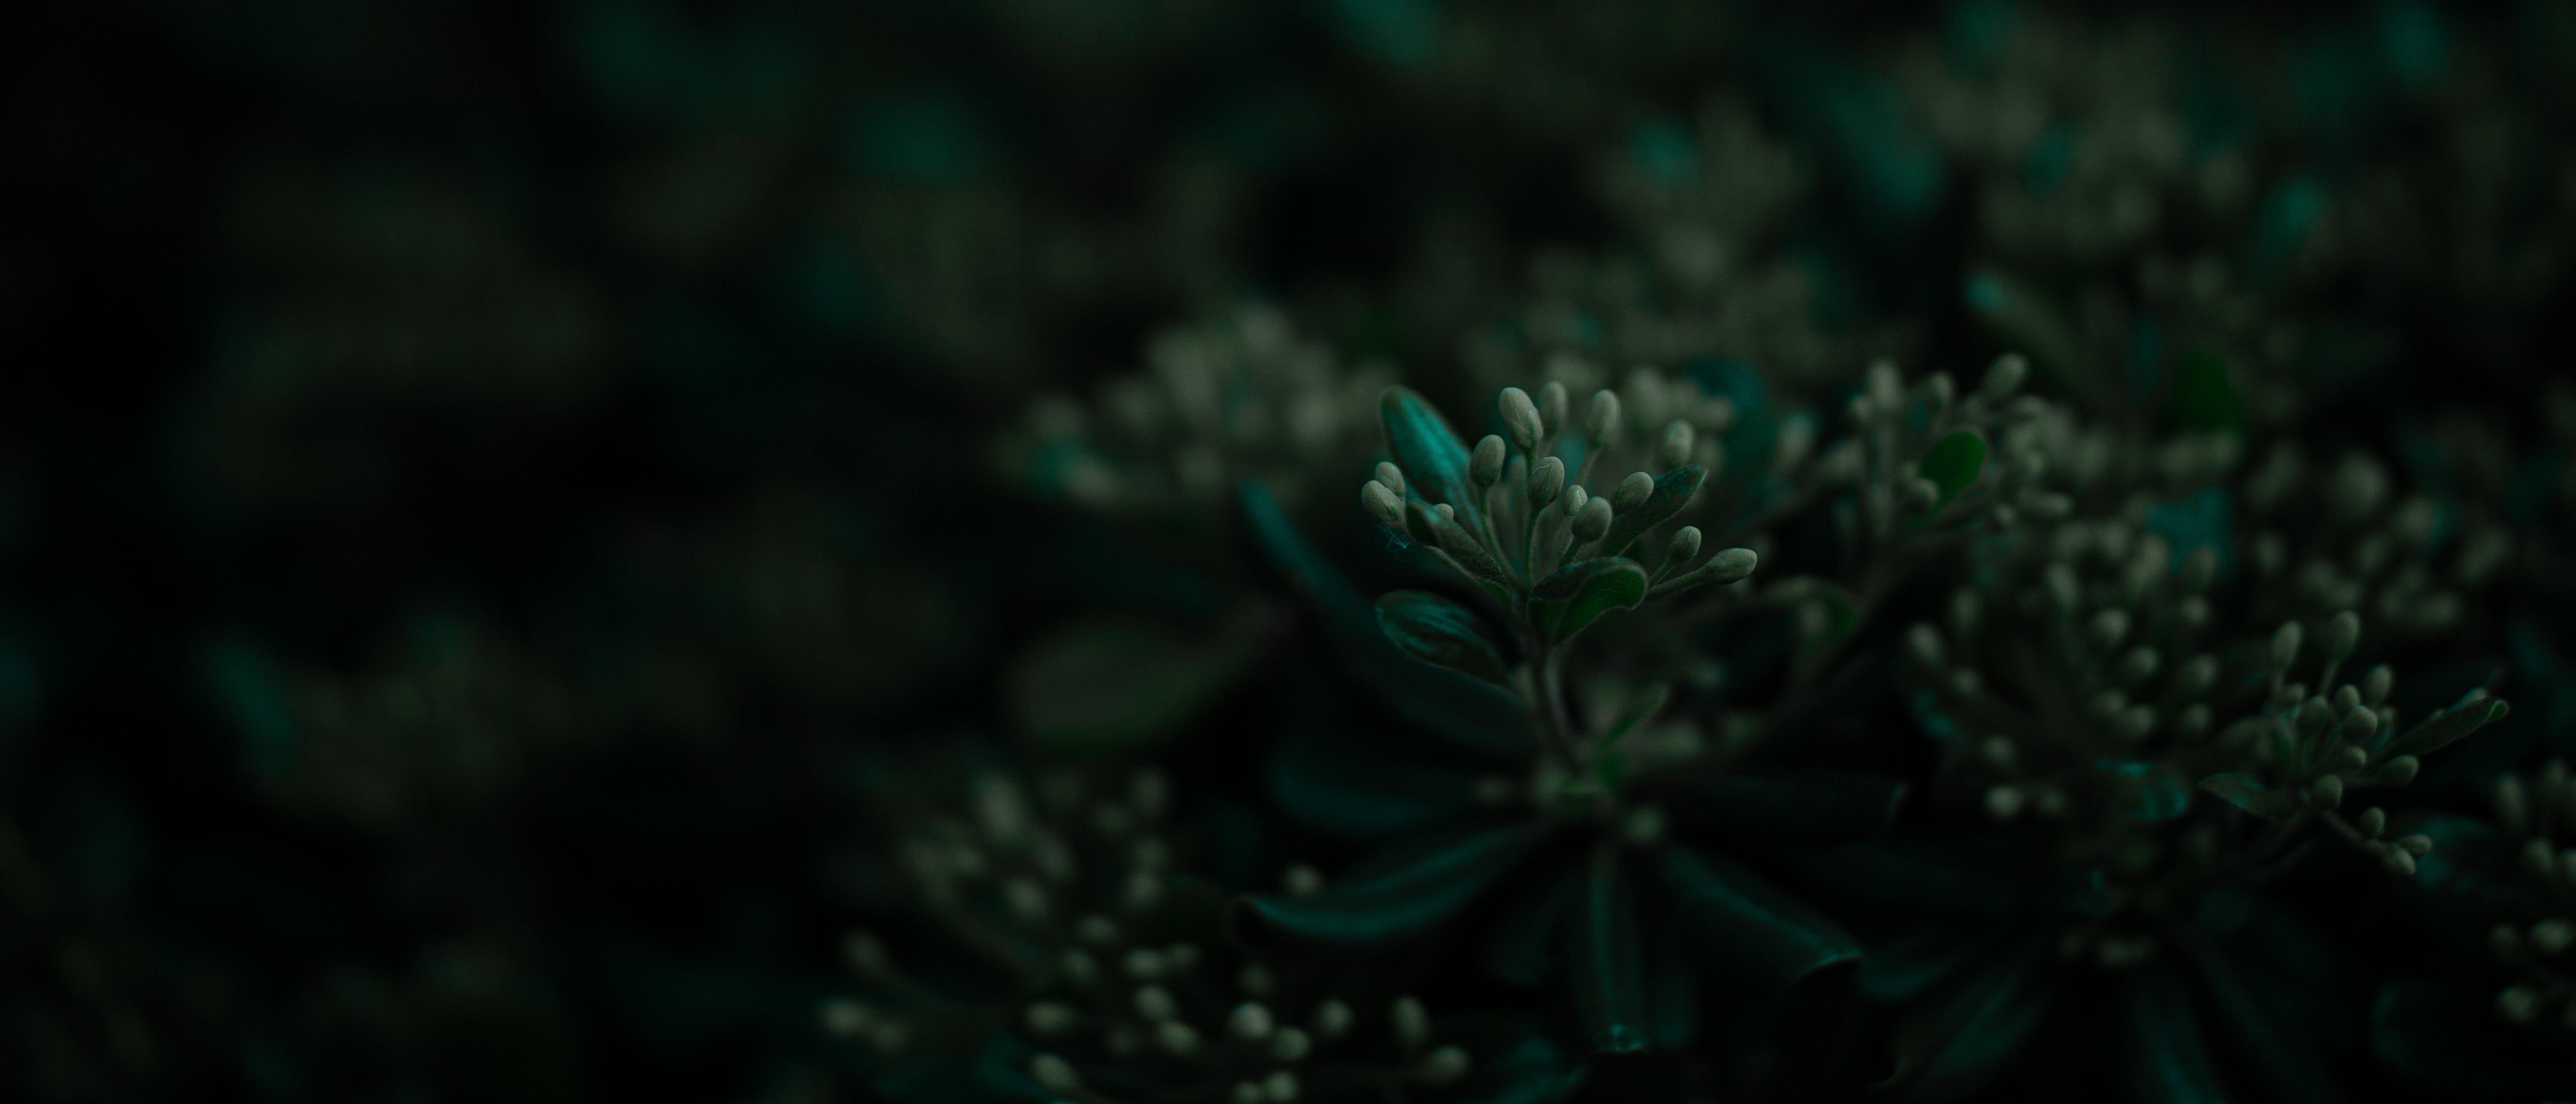 Plants Leaves Ultrawide Wide Screen 5k Wallpaper Hdwallpaper Desktop Wide Screen Screen Plants Hd Wallpaper